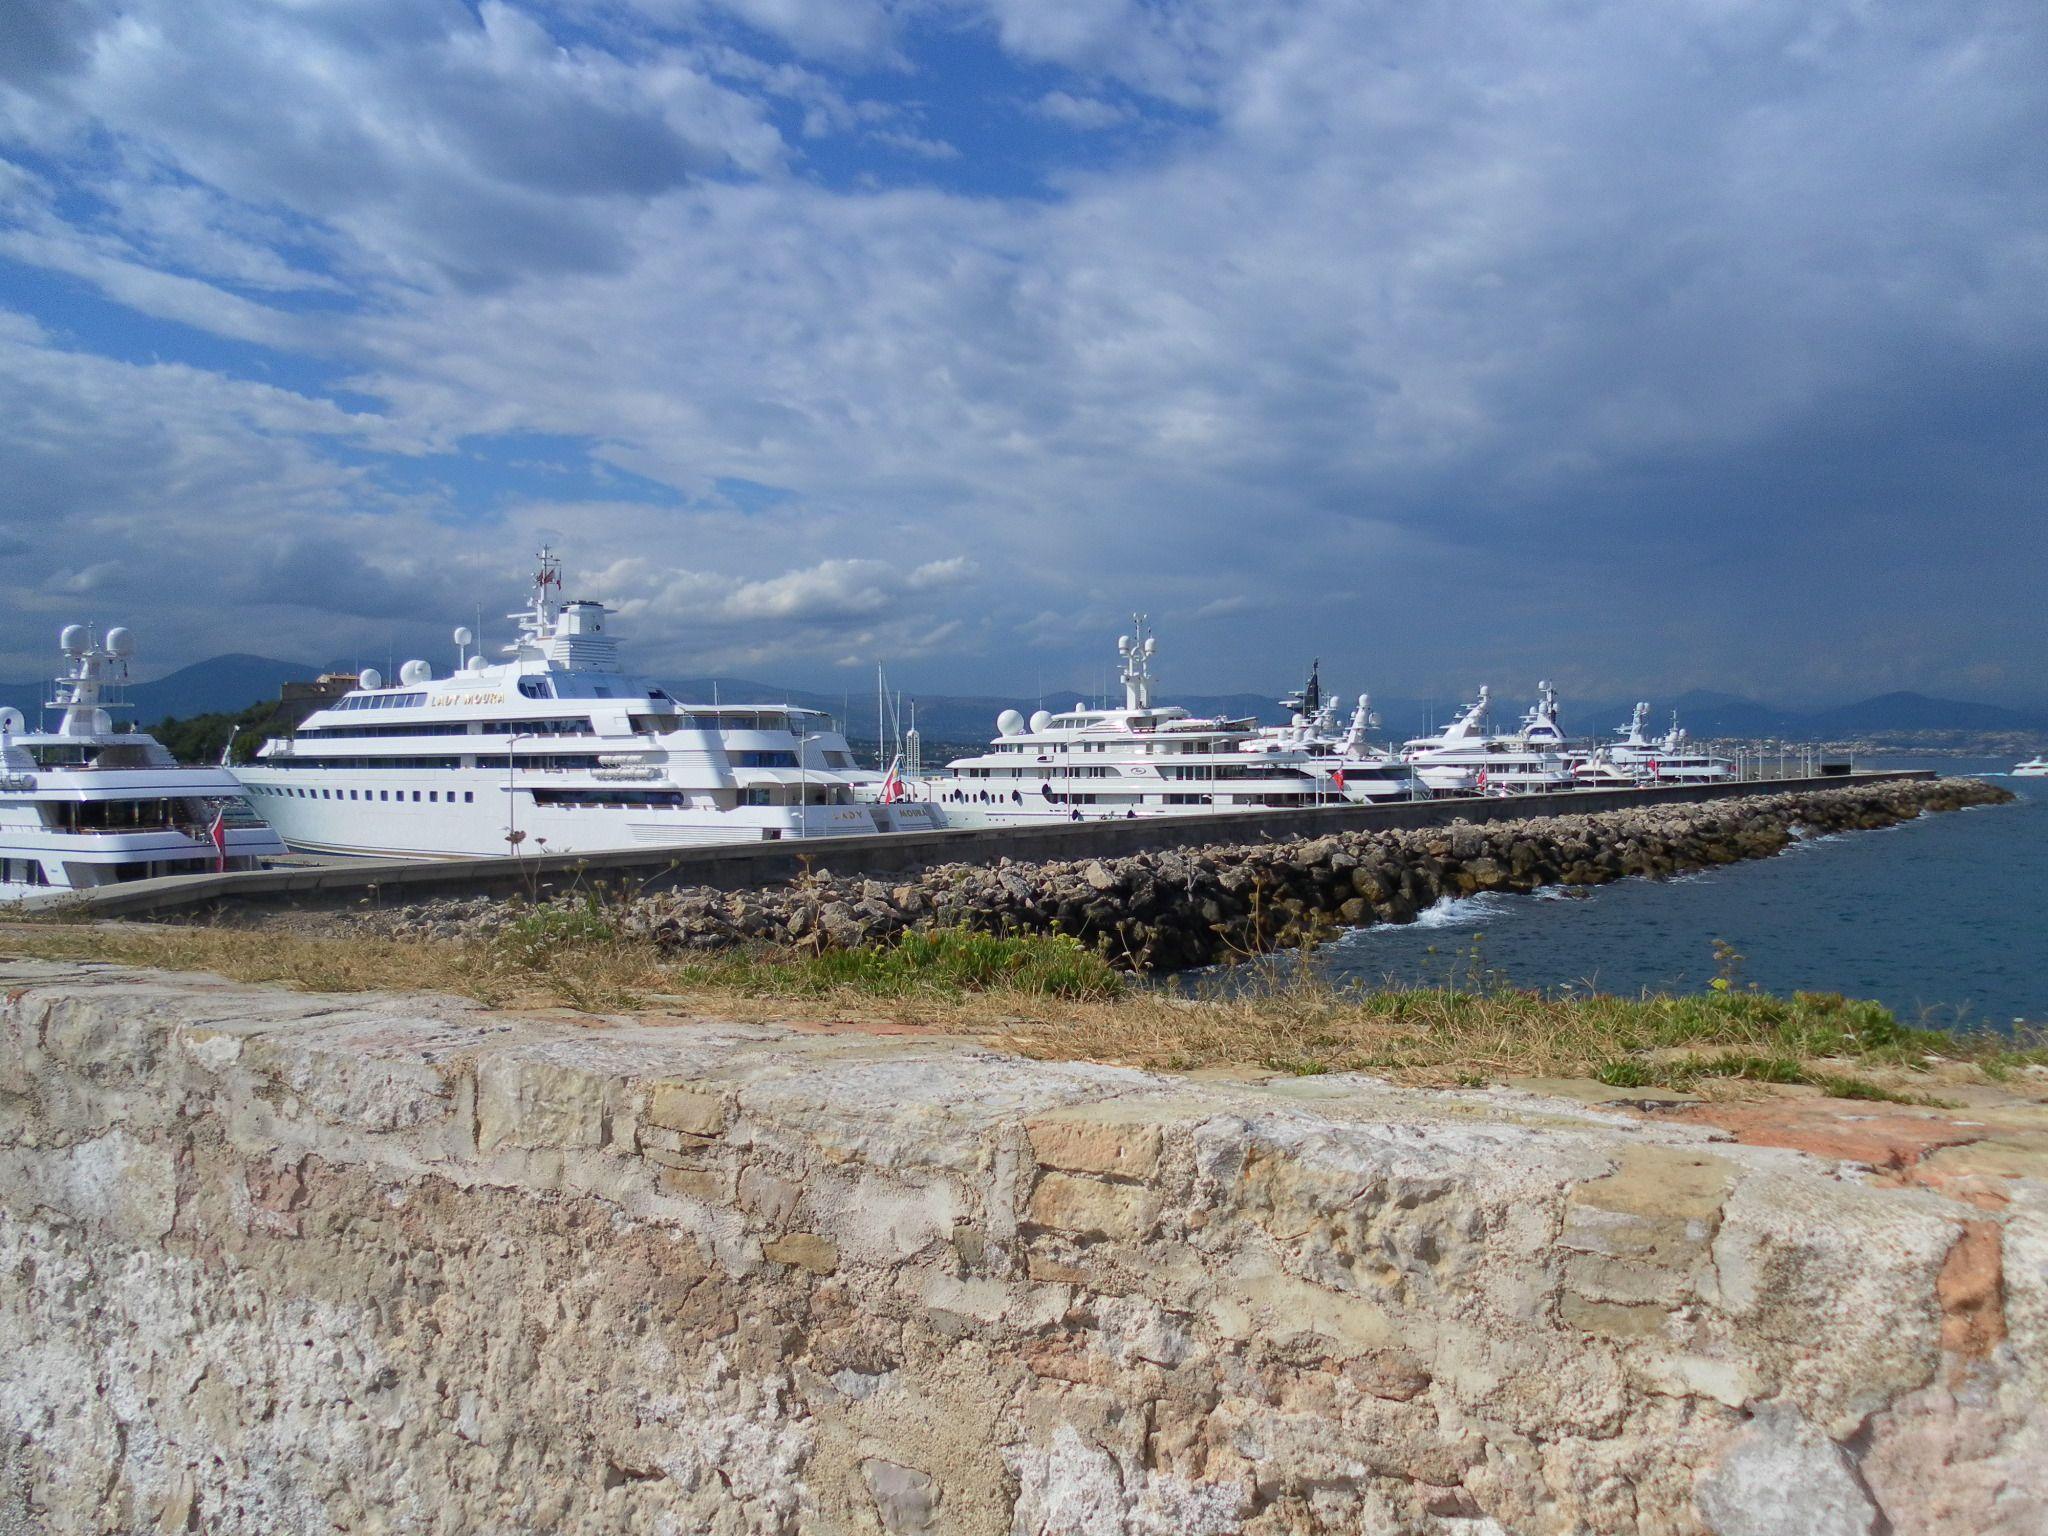 Antibes-Côte d'Azur-